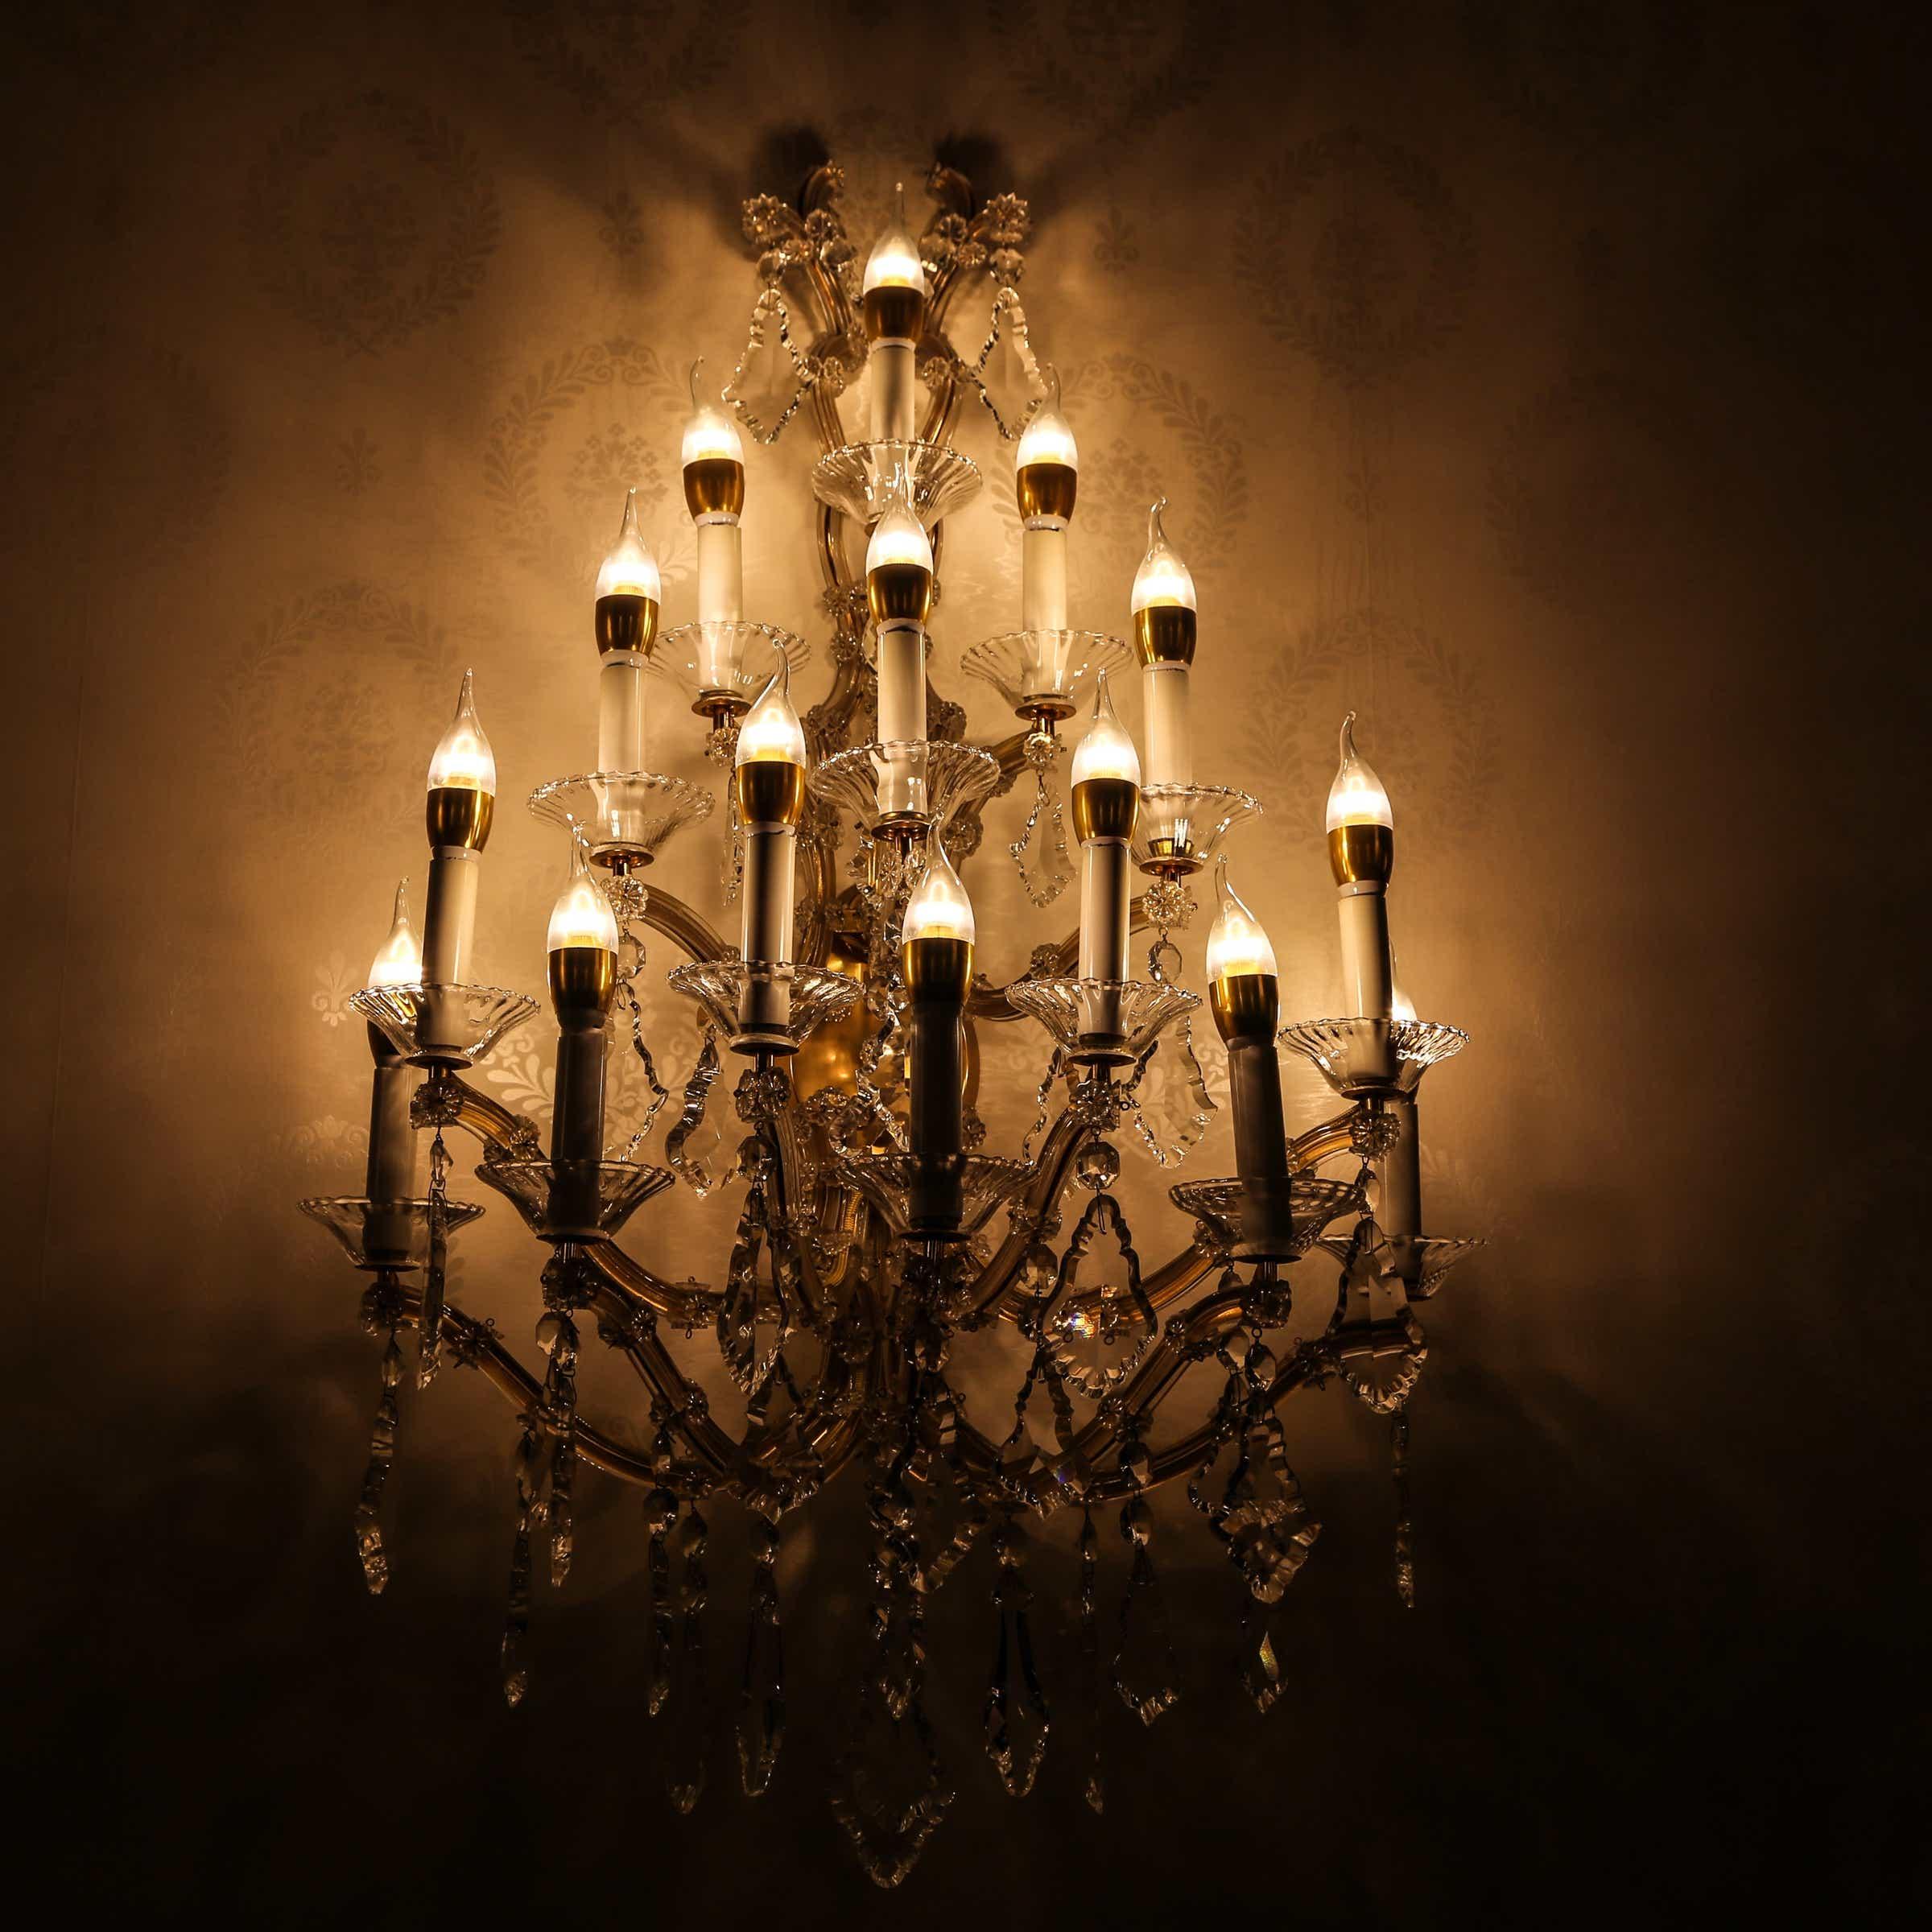 Lighting Fixtures & Equipment Business Names